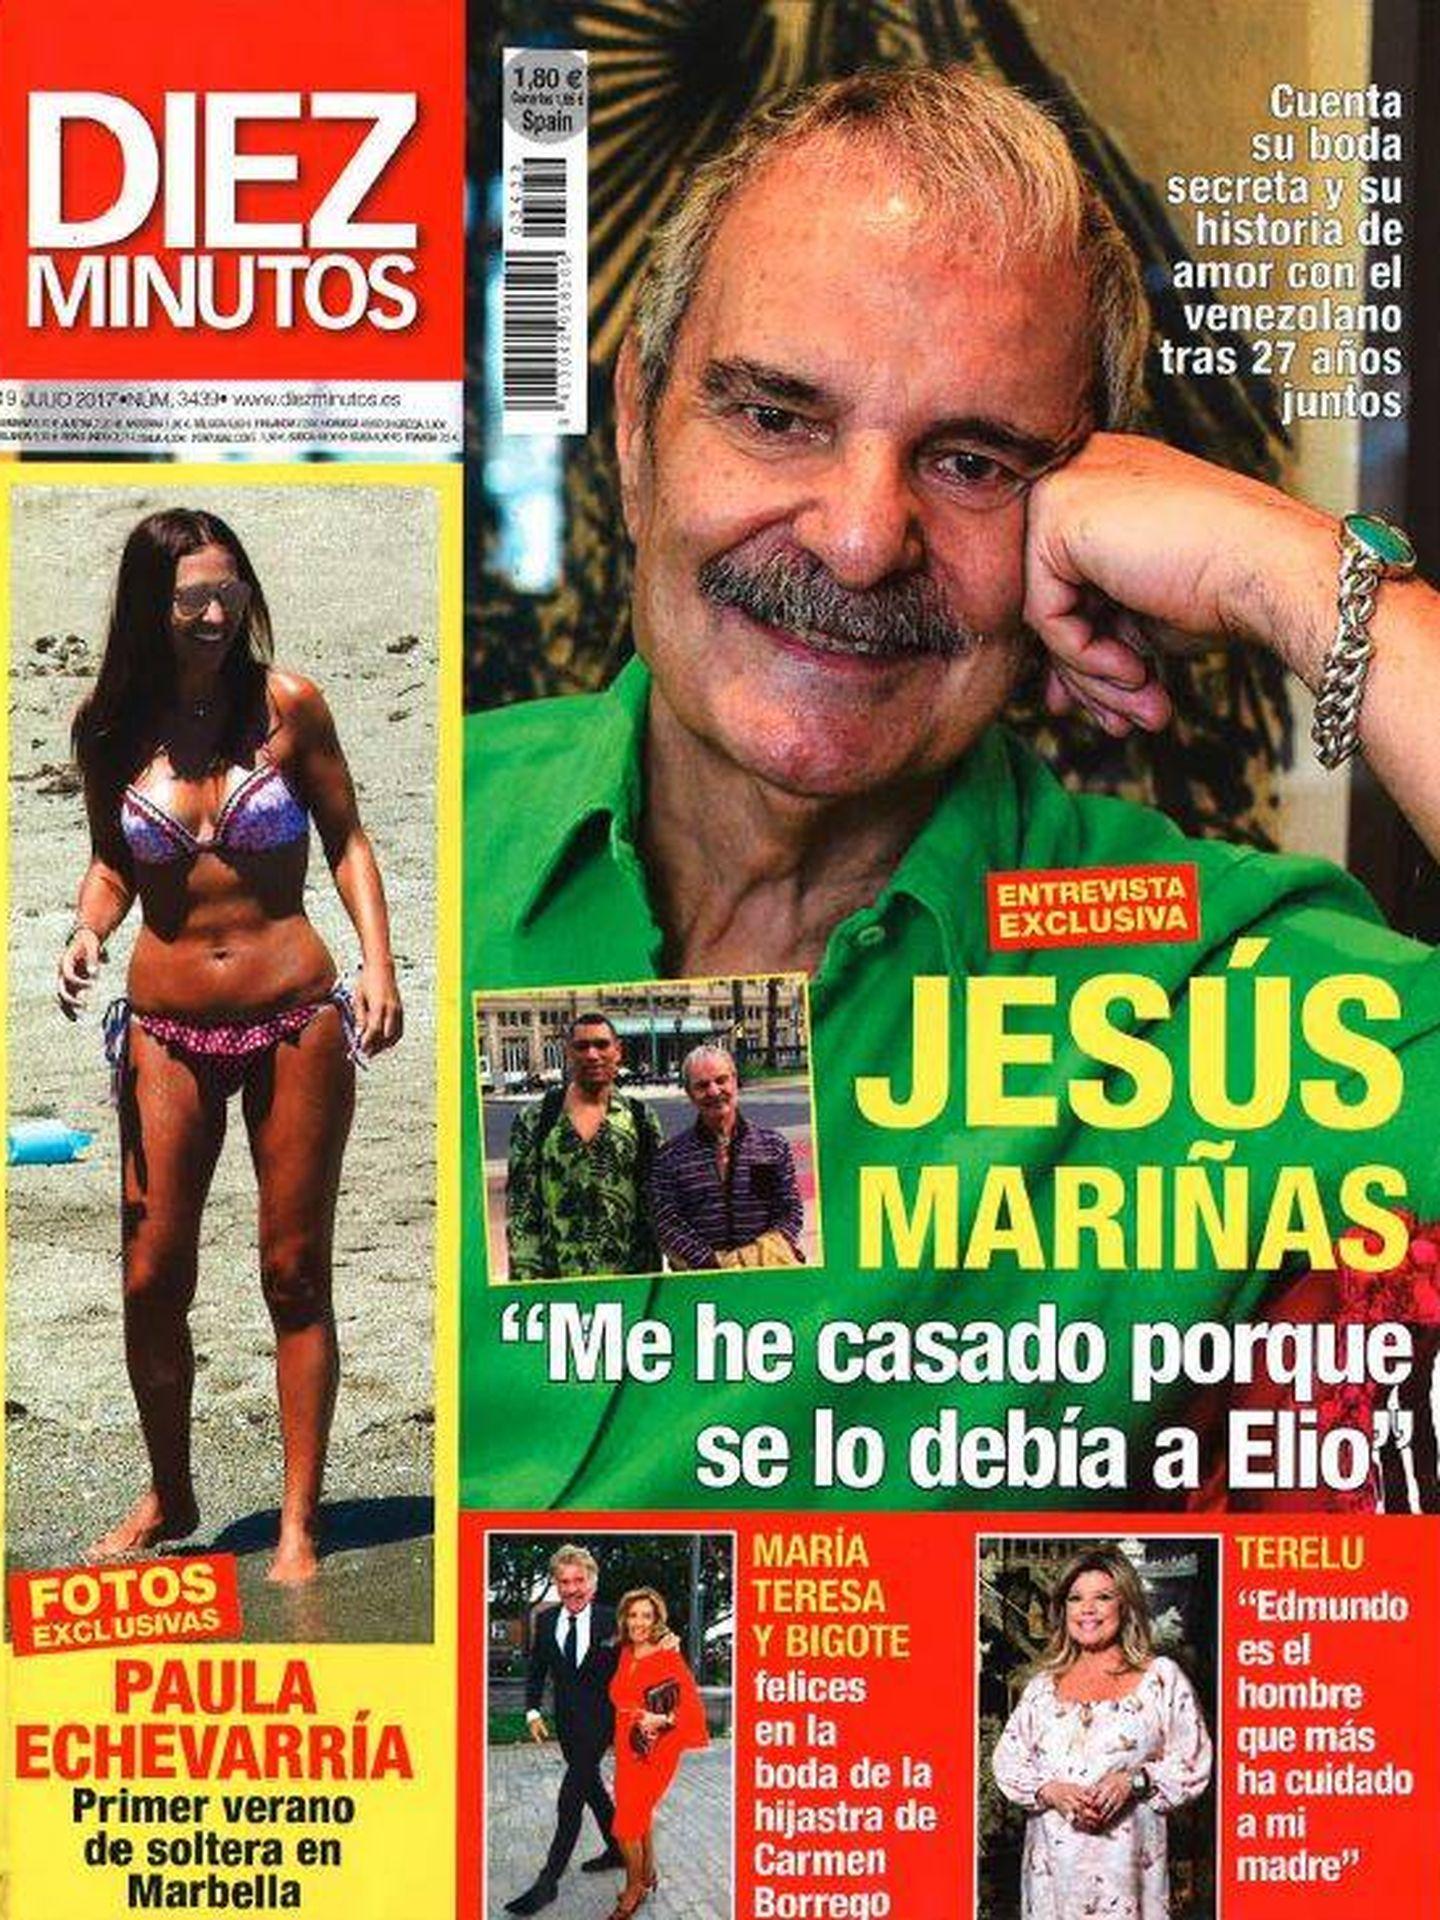 Portada de la revista 'Diez Minutos'.